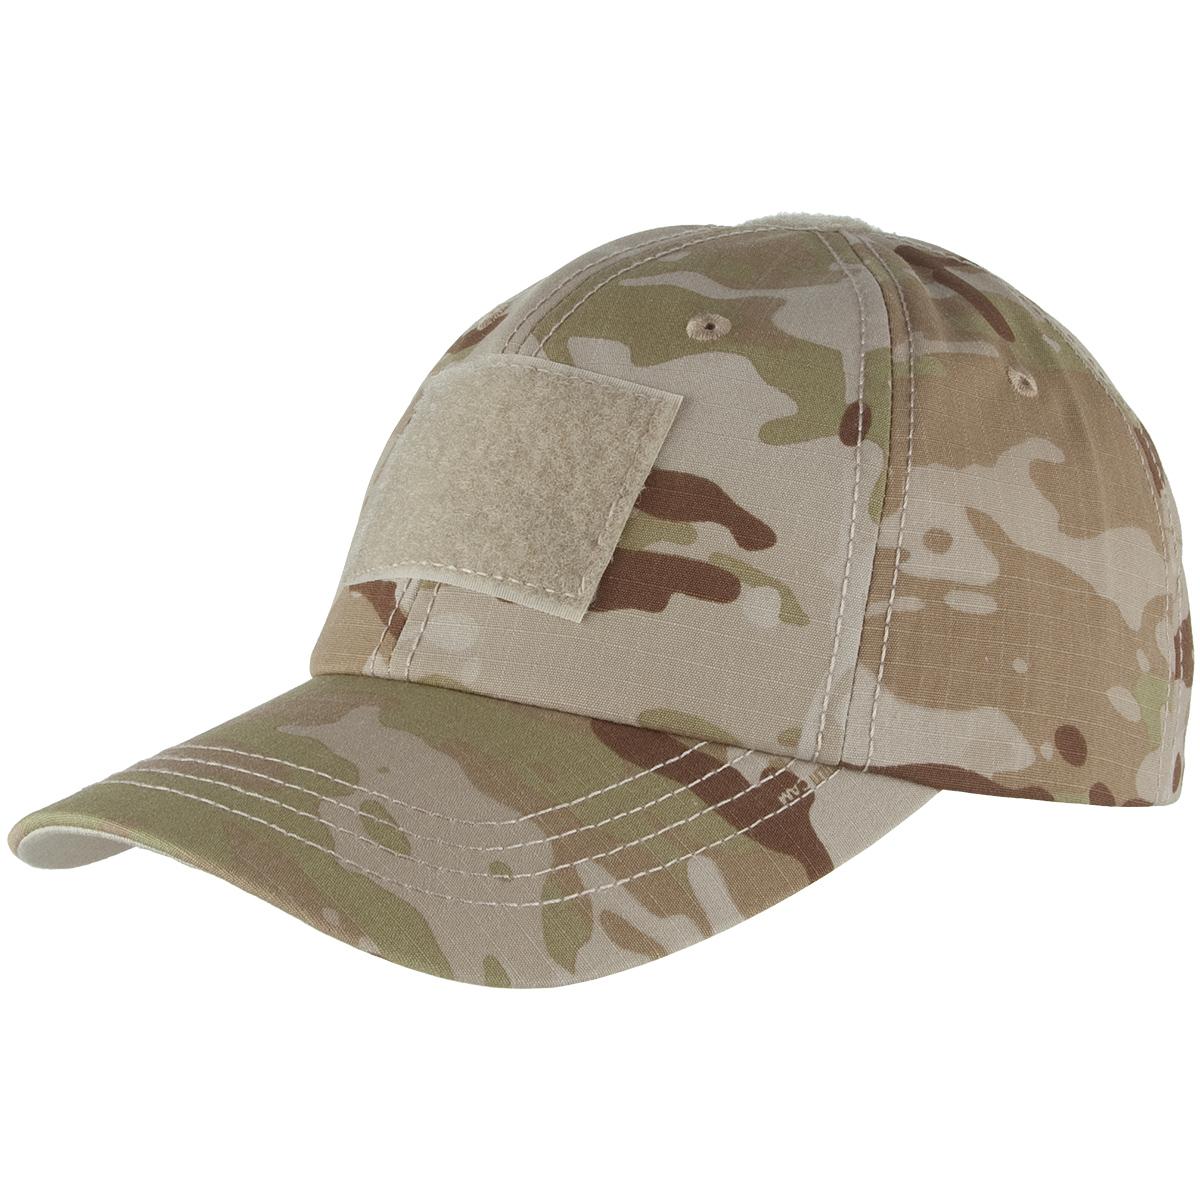 Sentinel Condor Tactical Army Baseball Cap Patrol Hat Ripstop Headwear  MultiCam Arid Camo 96ea3fb67ee8